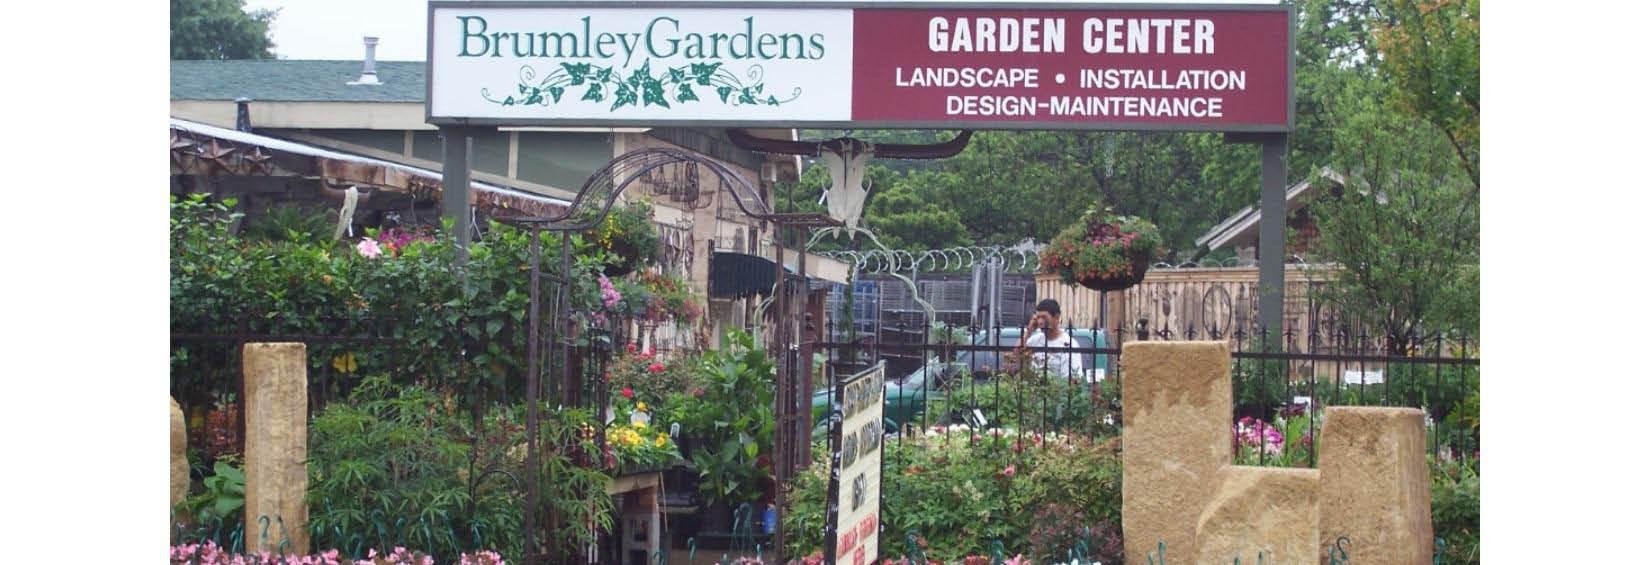 brumley-gardens-dallas-tx-banner